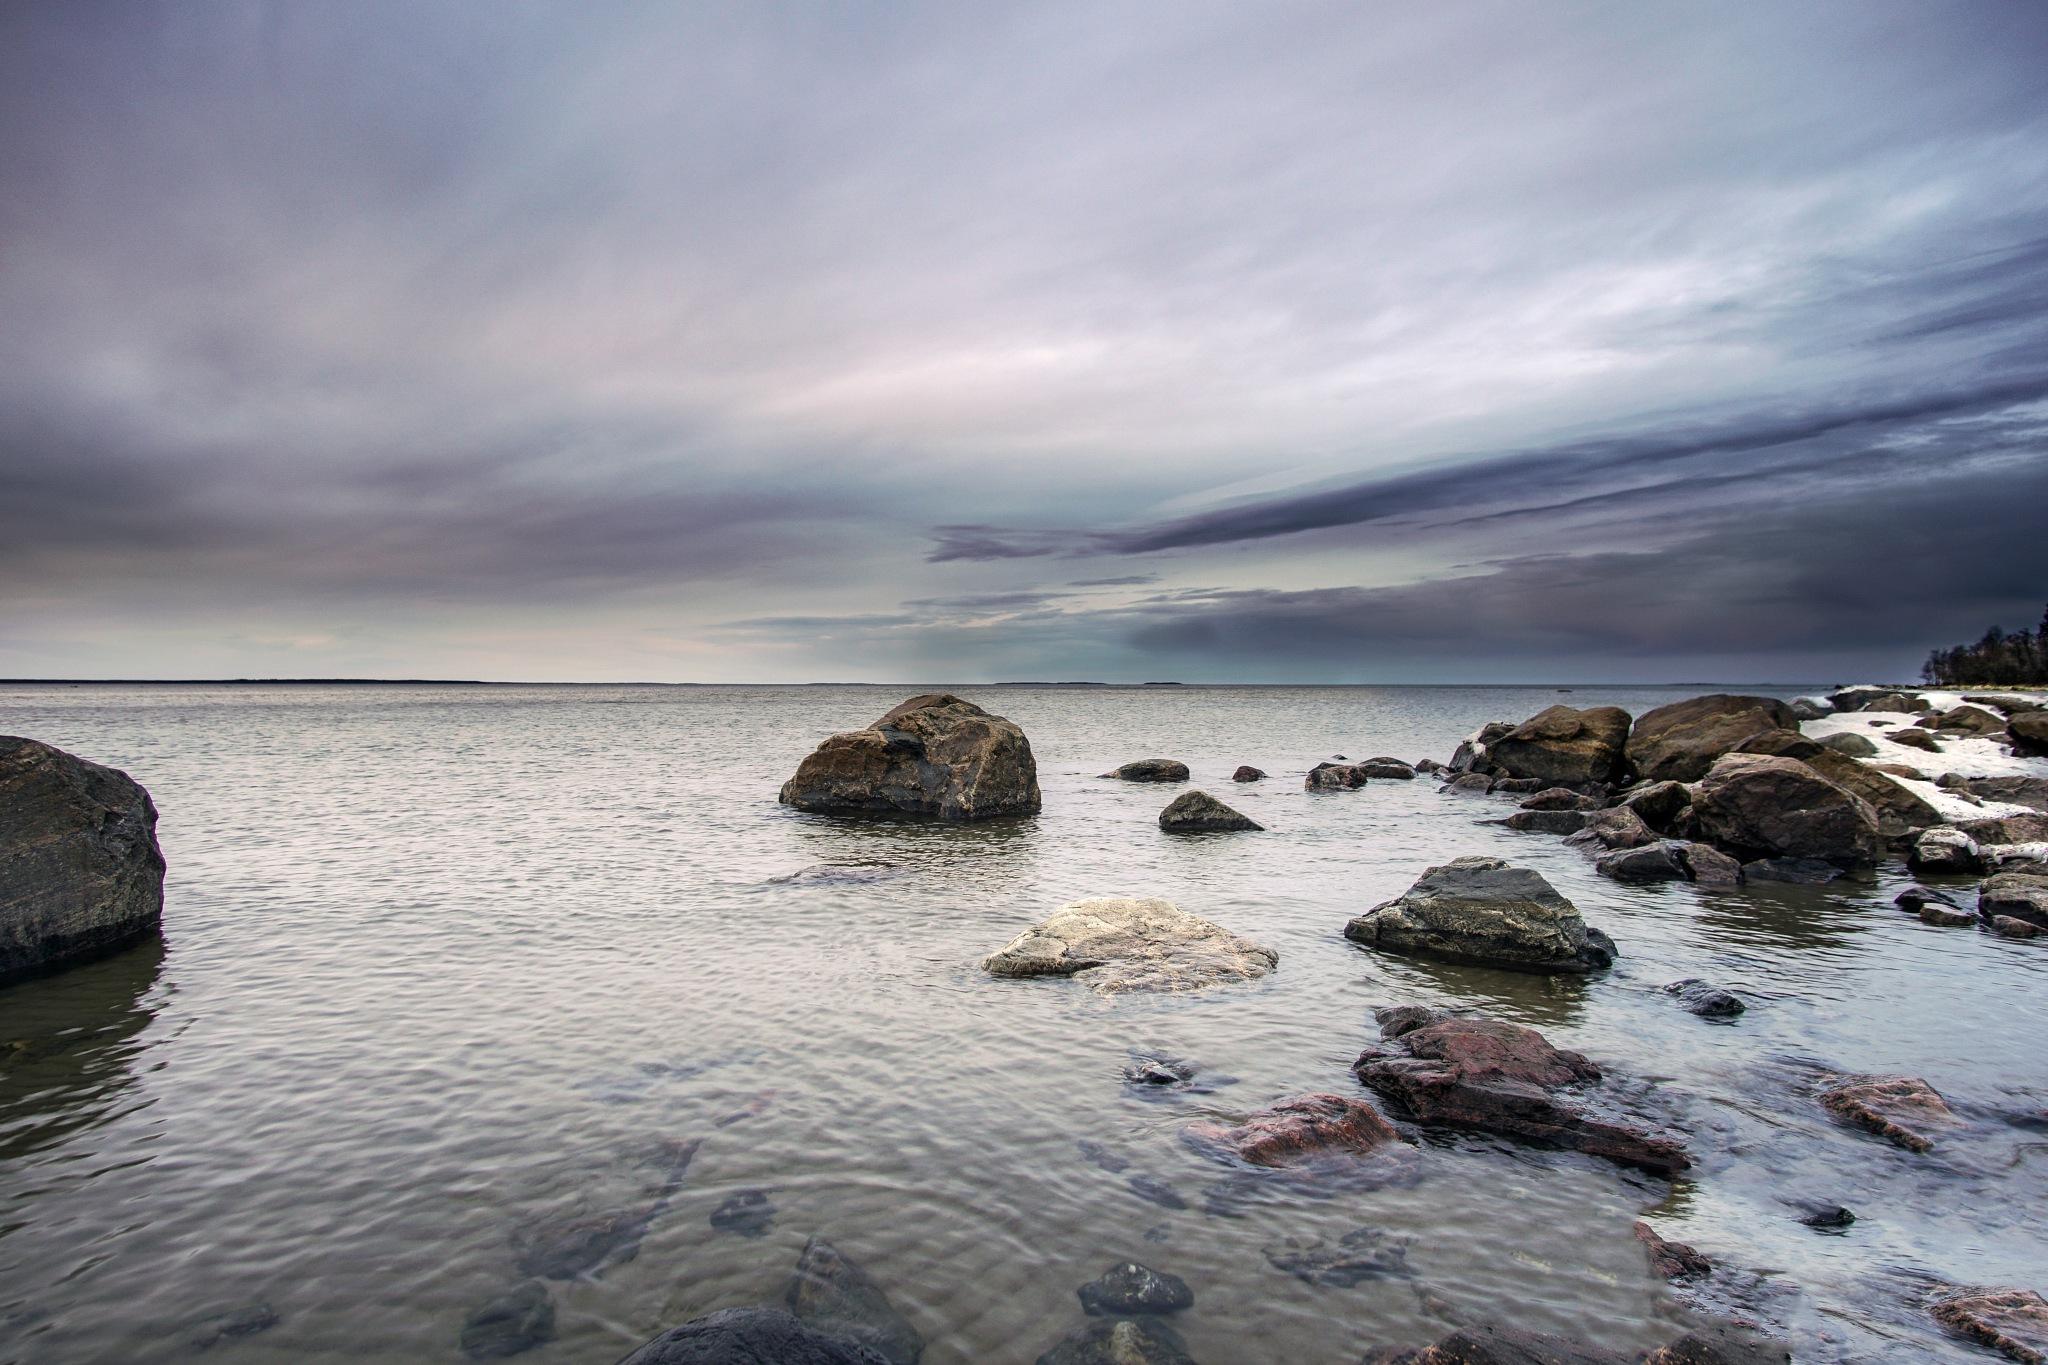 Digital filter Photo   by Niclaskrog